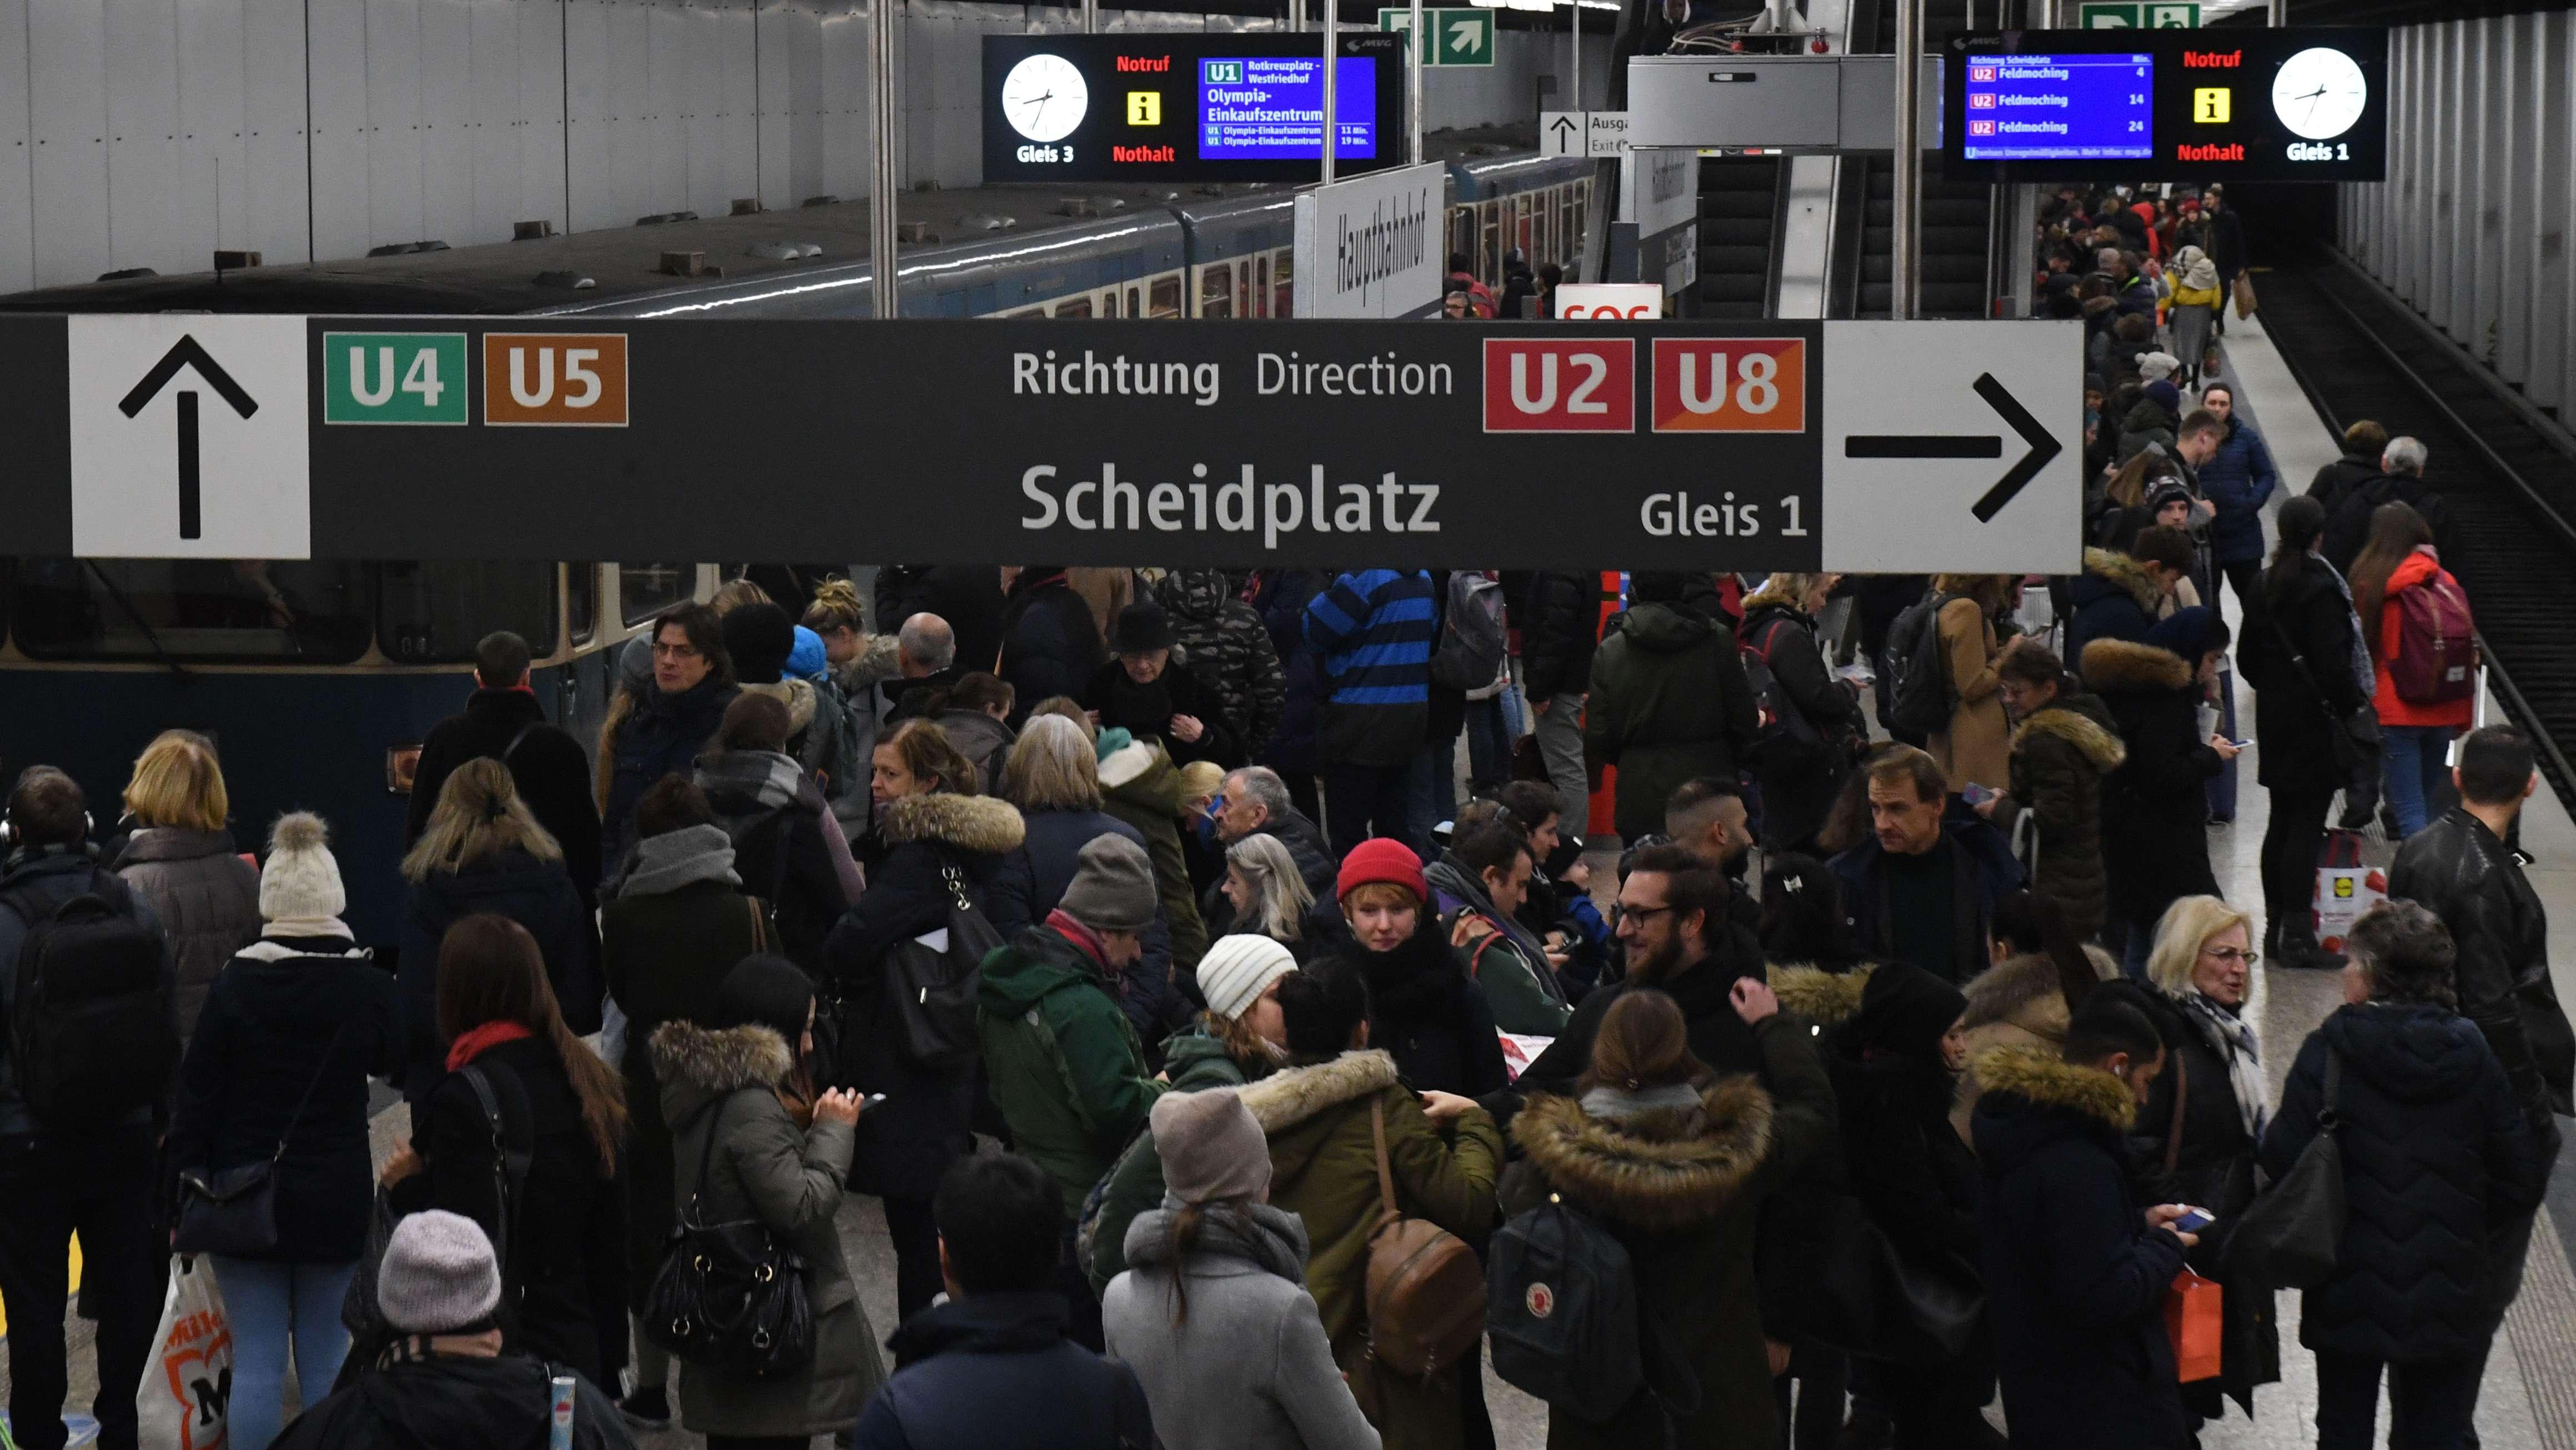 Der Bahnsteig des U-Bahnhofs Hauptbahnhof der Linien U1 und U2 ist mit vielen Fahrgästen überfüllt.